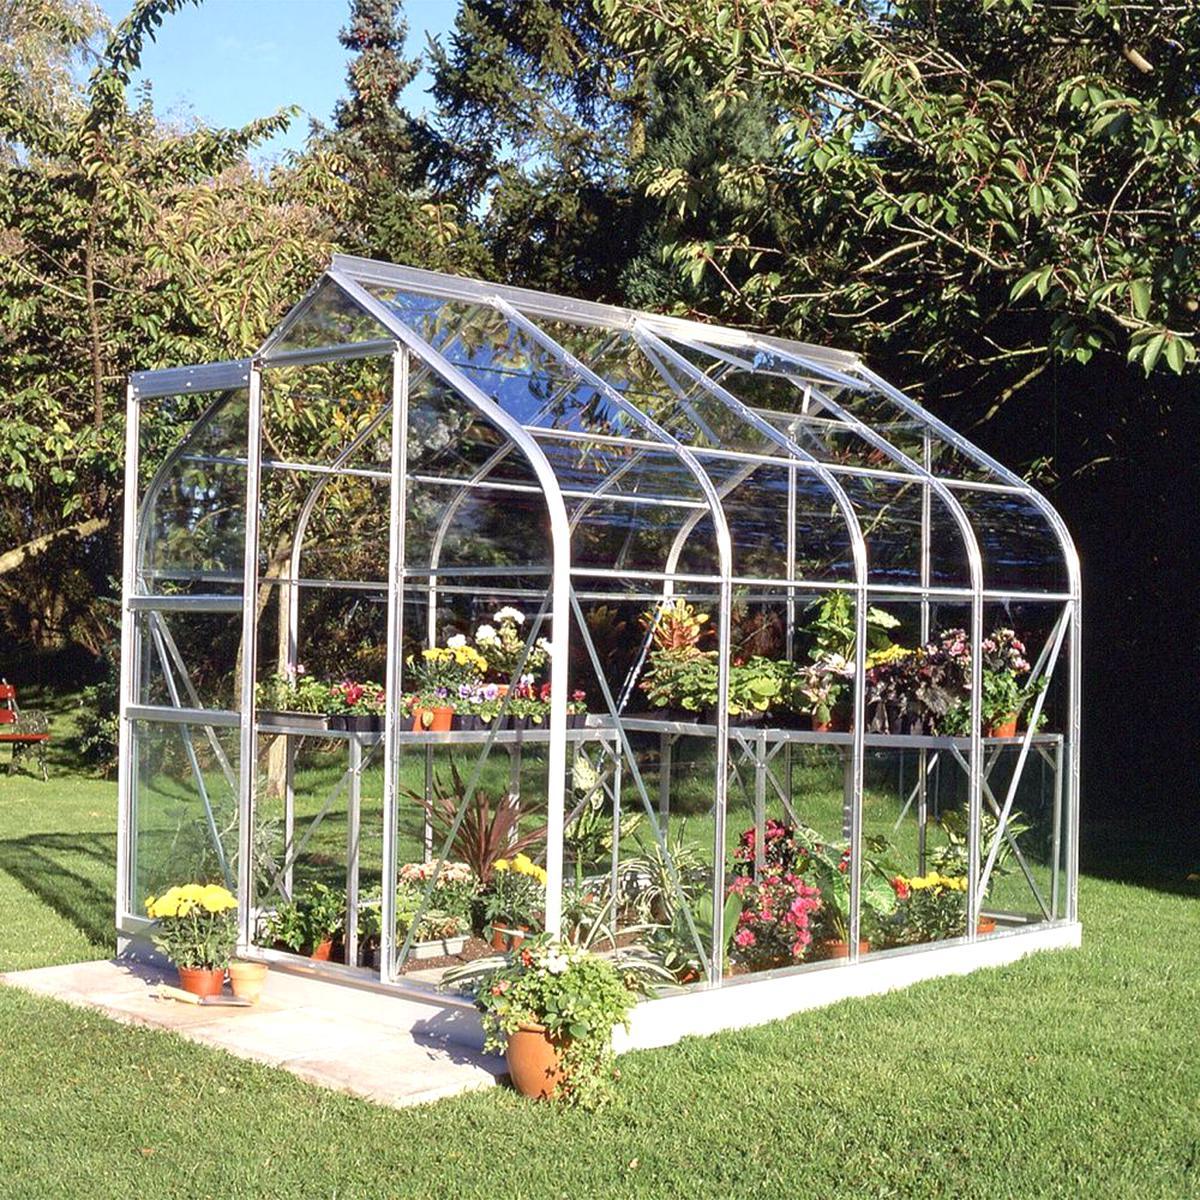 Serre Horticole Verre D'occasion à Serre Jardin Occasion